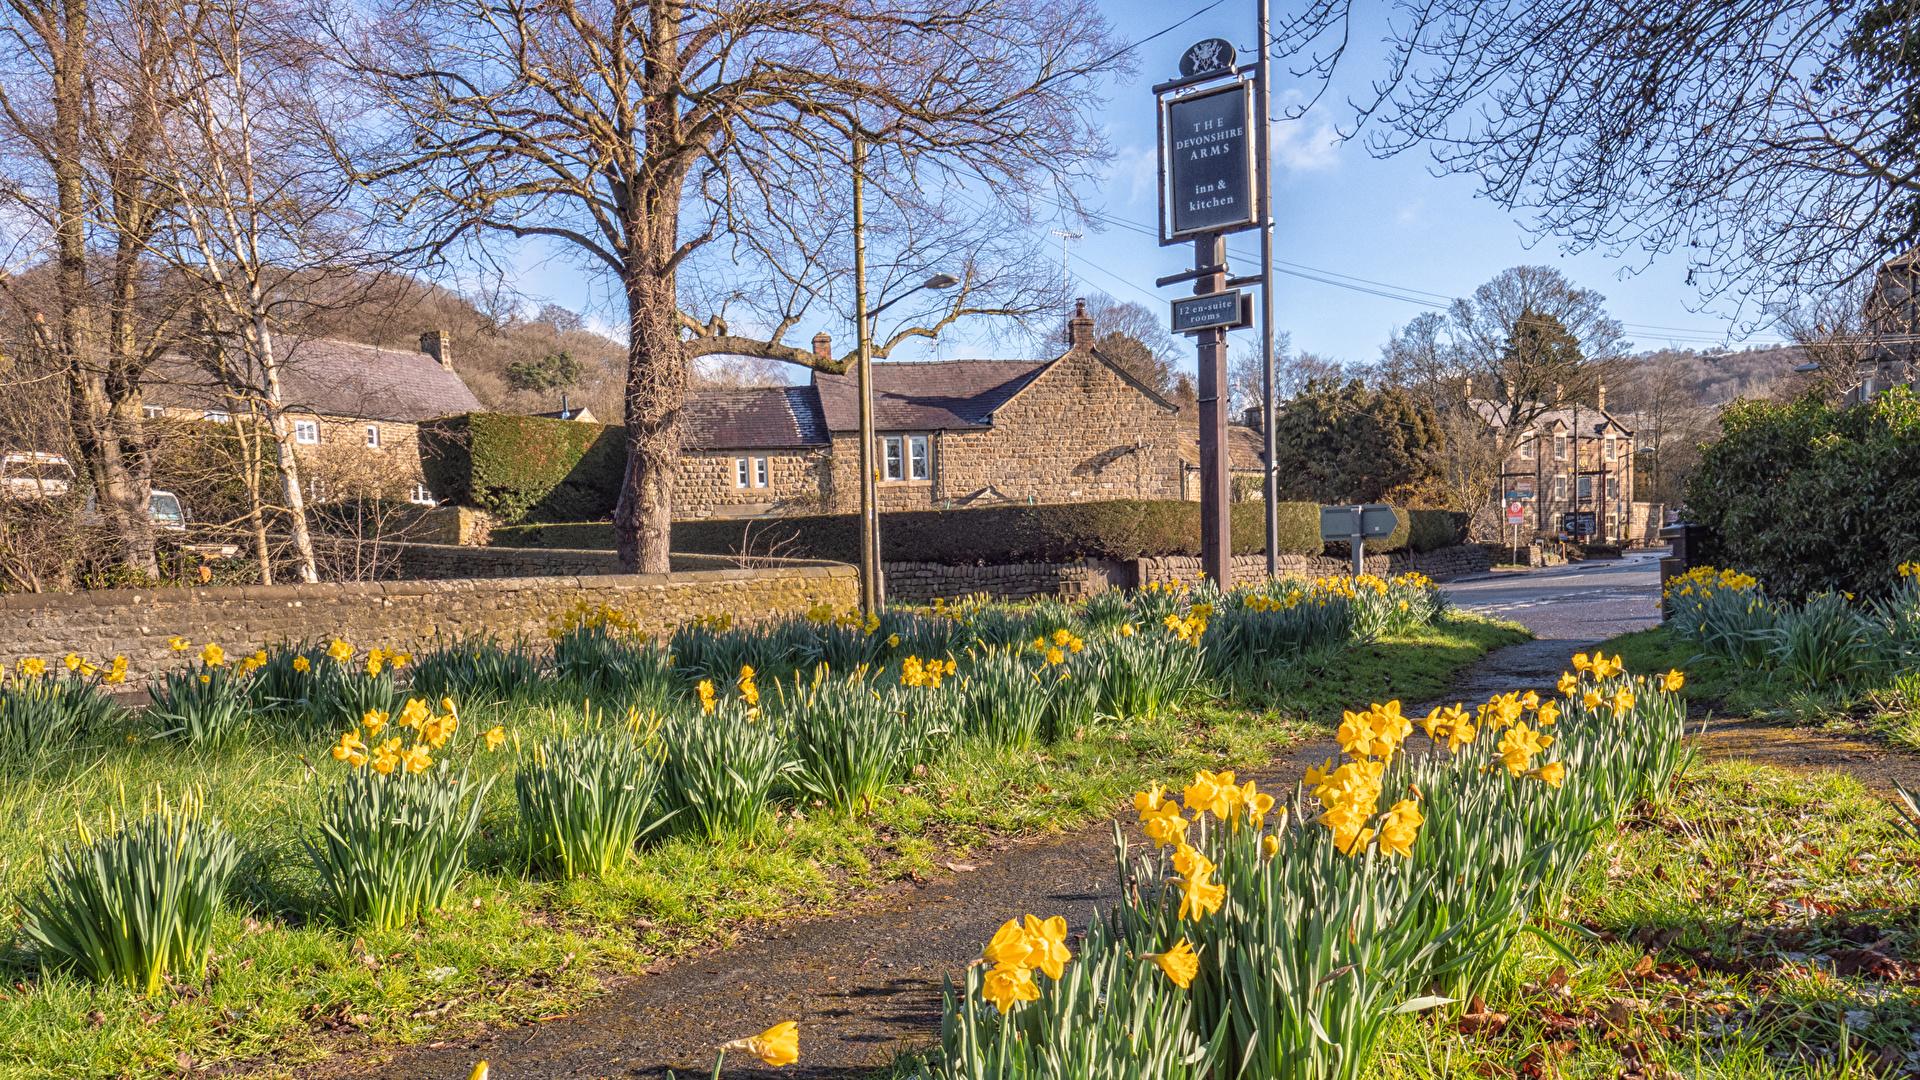 Картинки Великобритания Baslow Derbyshire весенние улице Нарциссы Города Здания 1920x1080 Весна улиц Улица Дома